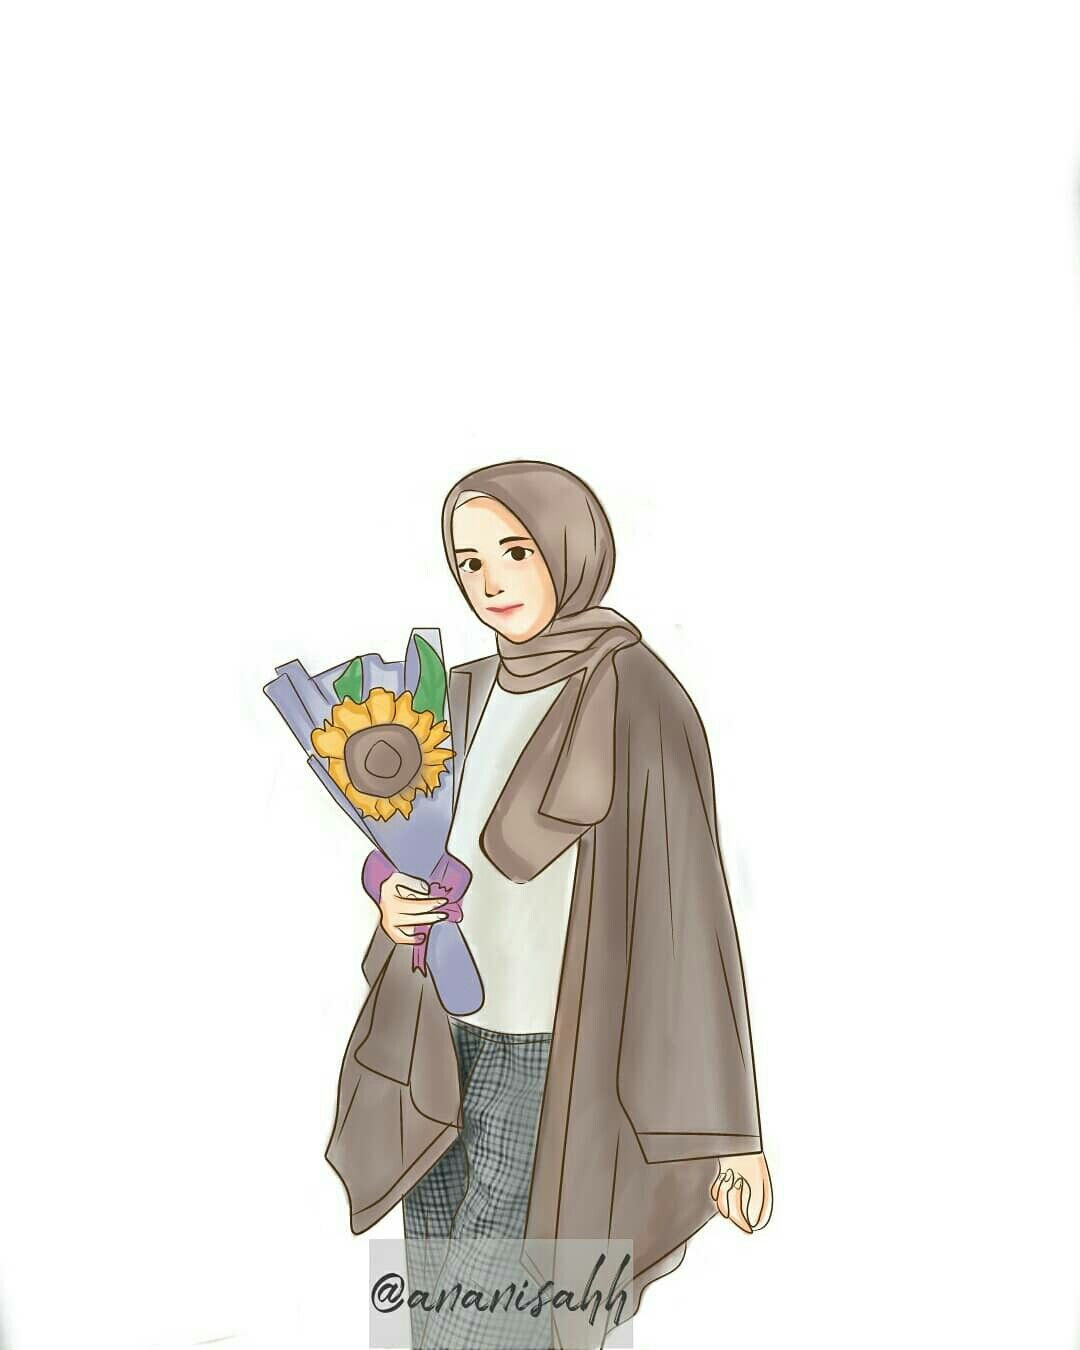 Pin Oleh Misznyna Di Kartun Muslimah Kartun Ilustrasi Karakter Sketsa